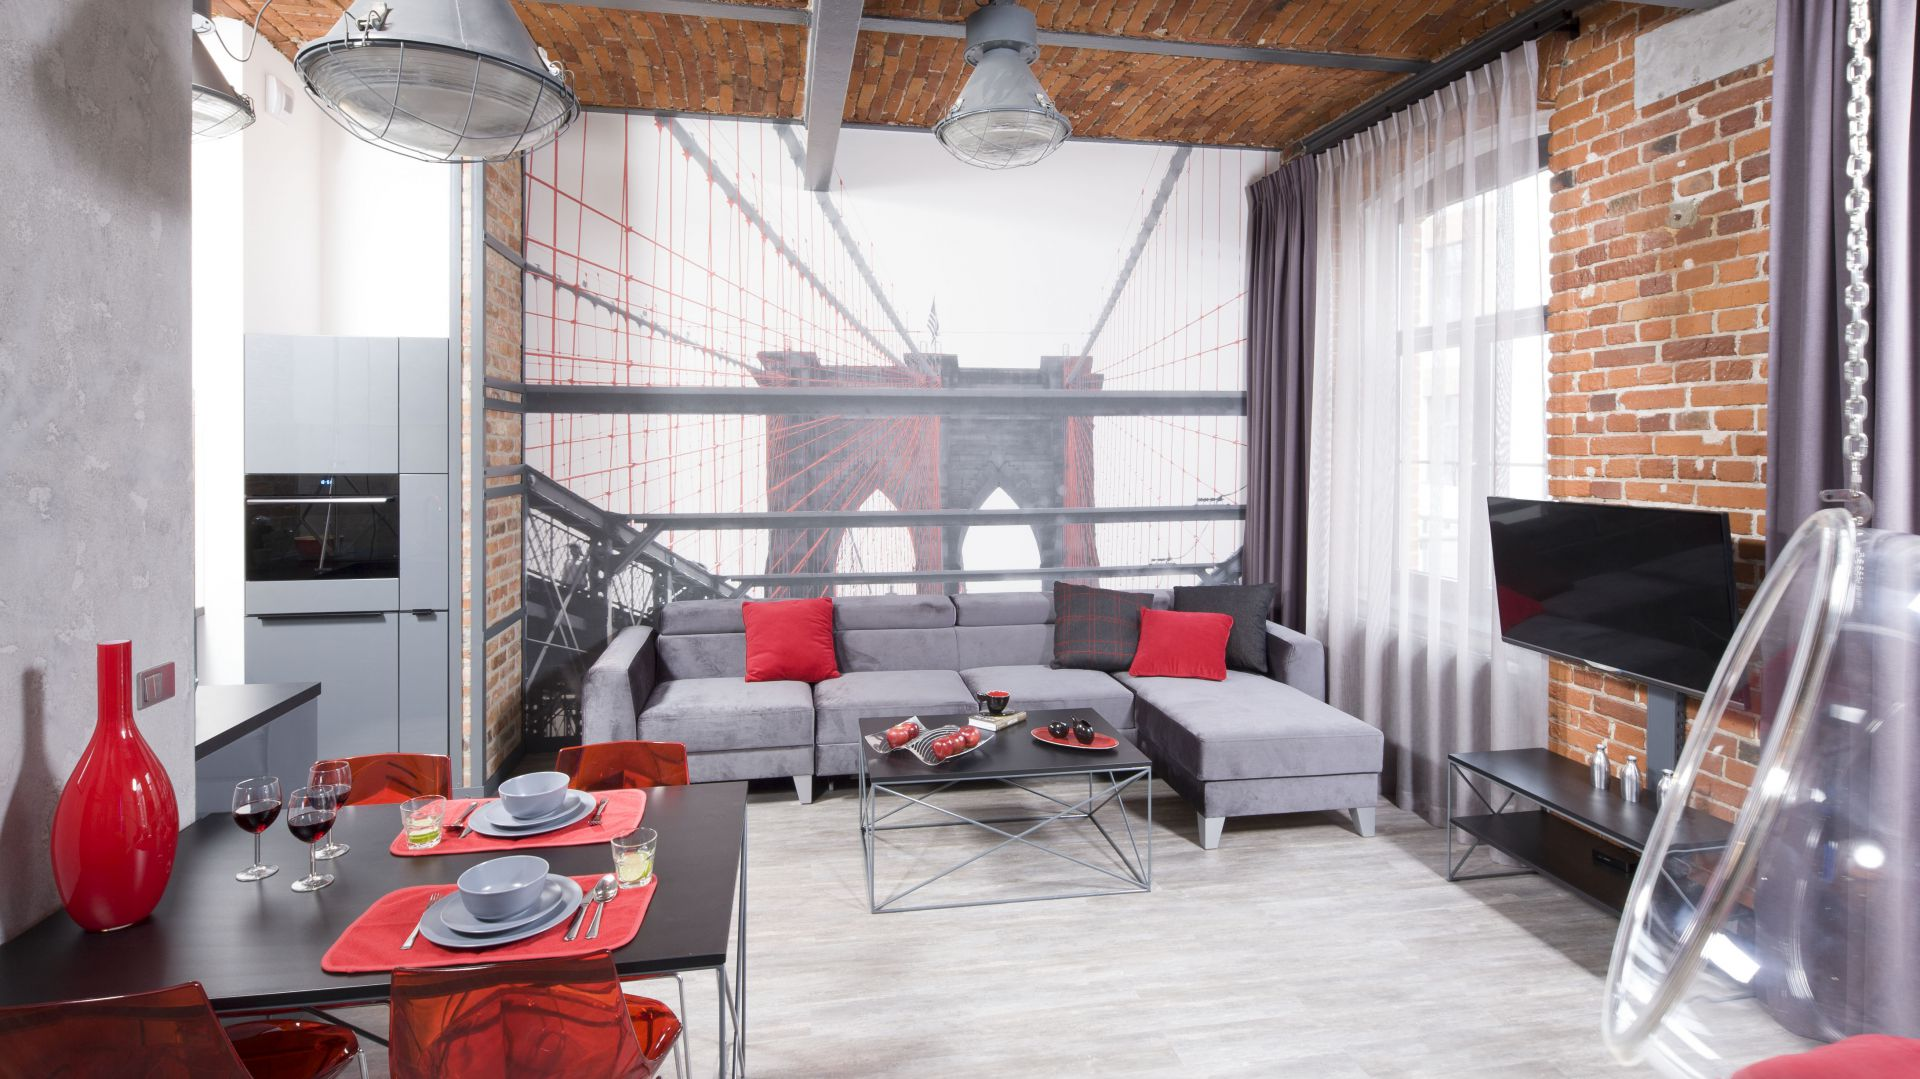 Pomysły na ściany w salonie. Projekt: Nowa Papiernia. Fot. Bartosz Jarosz